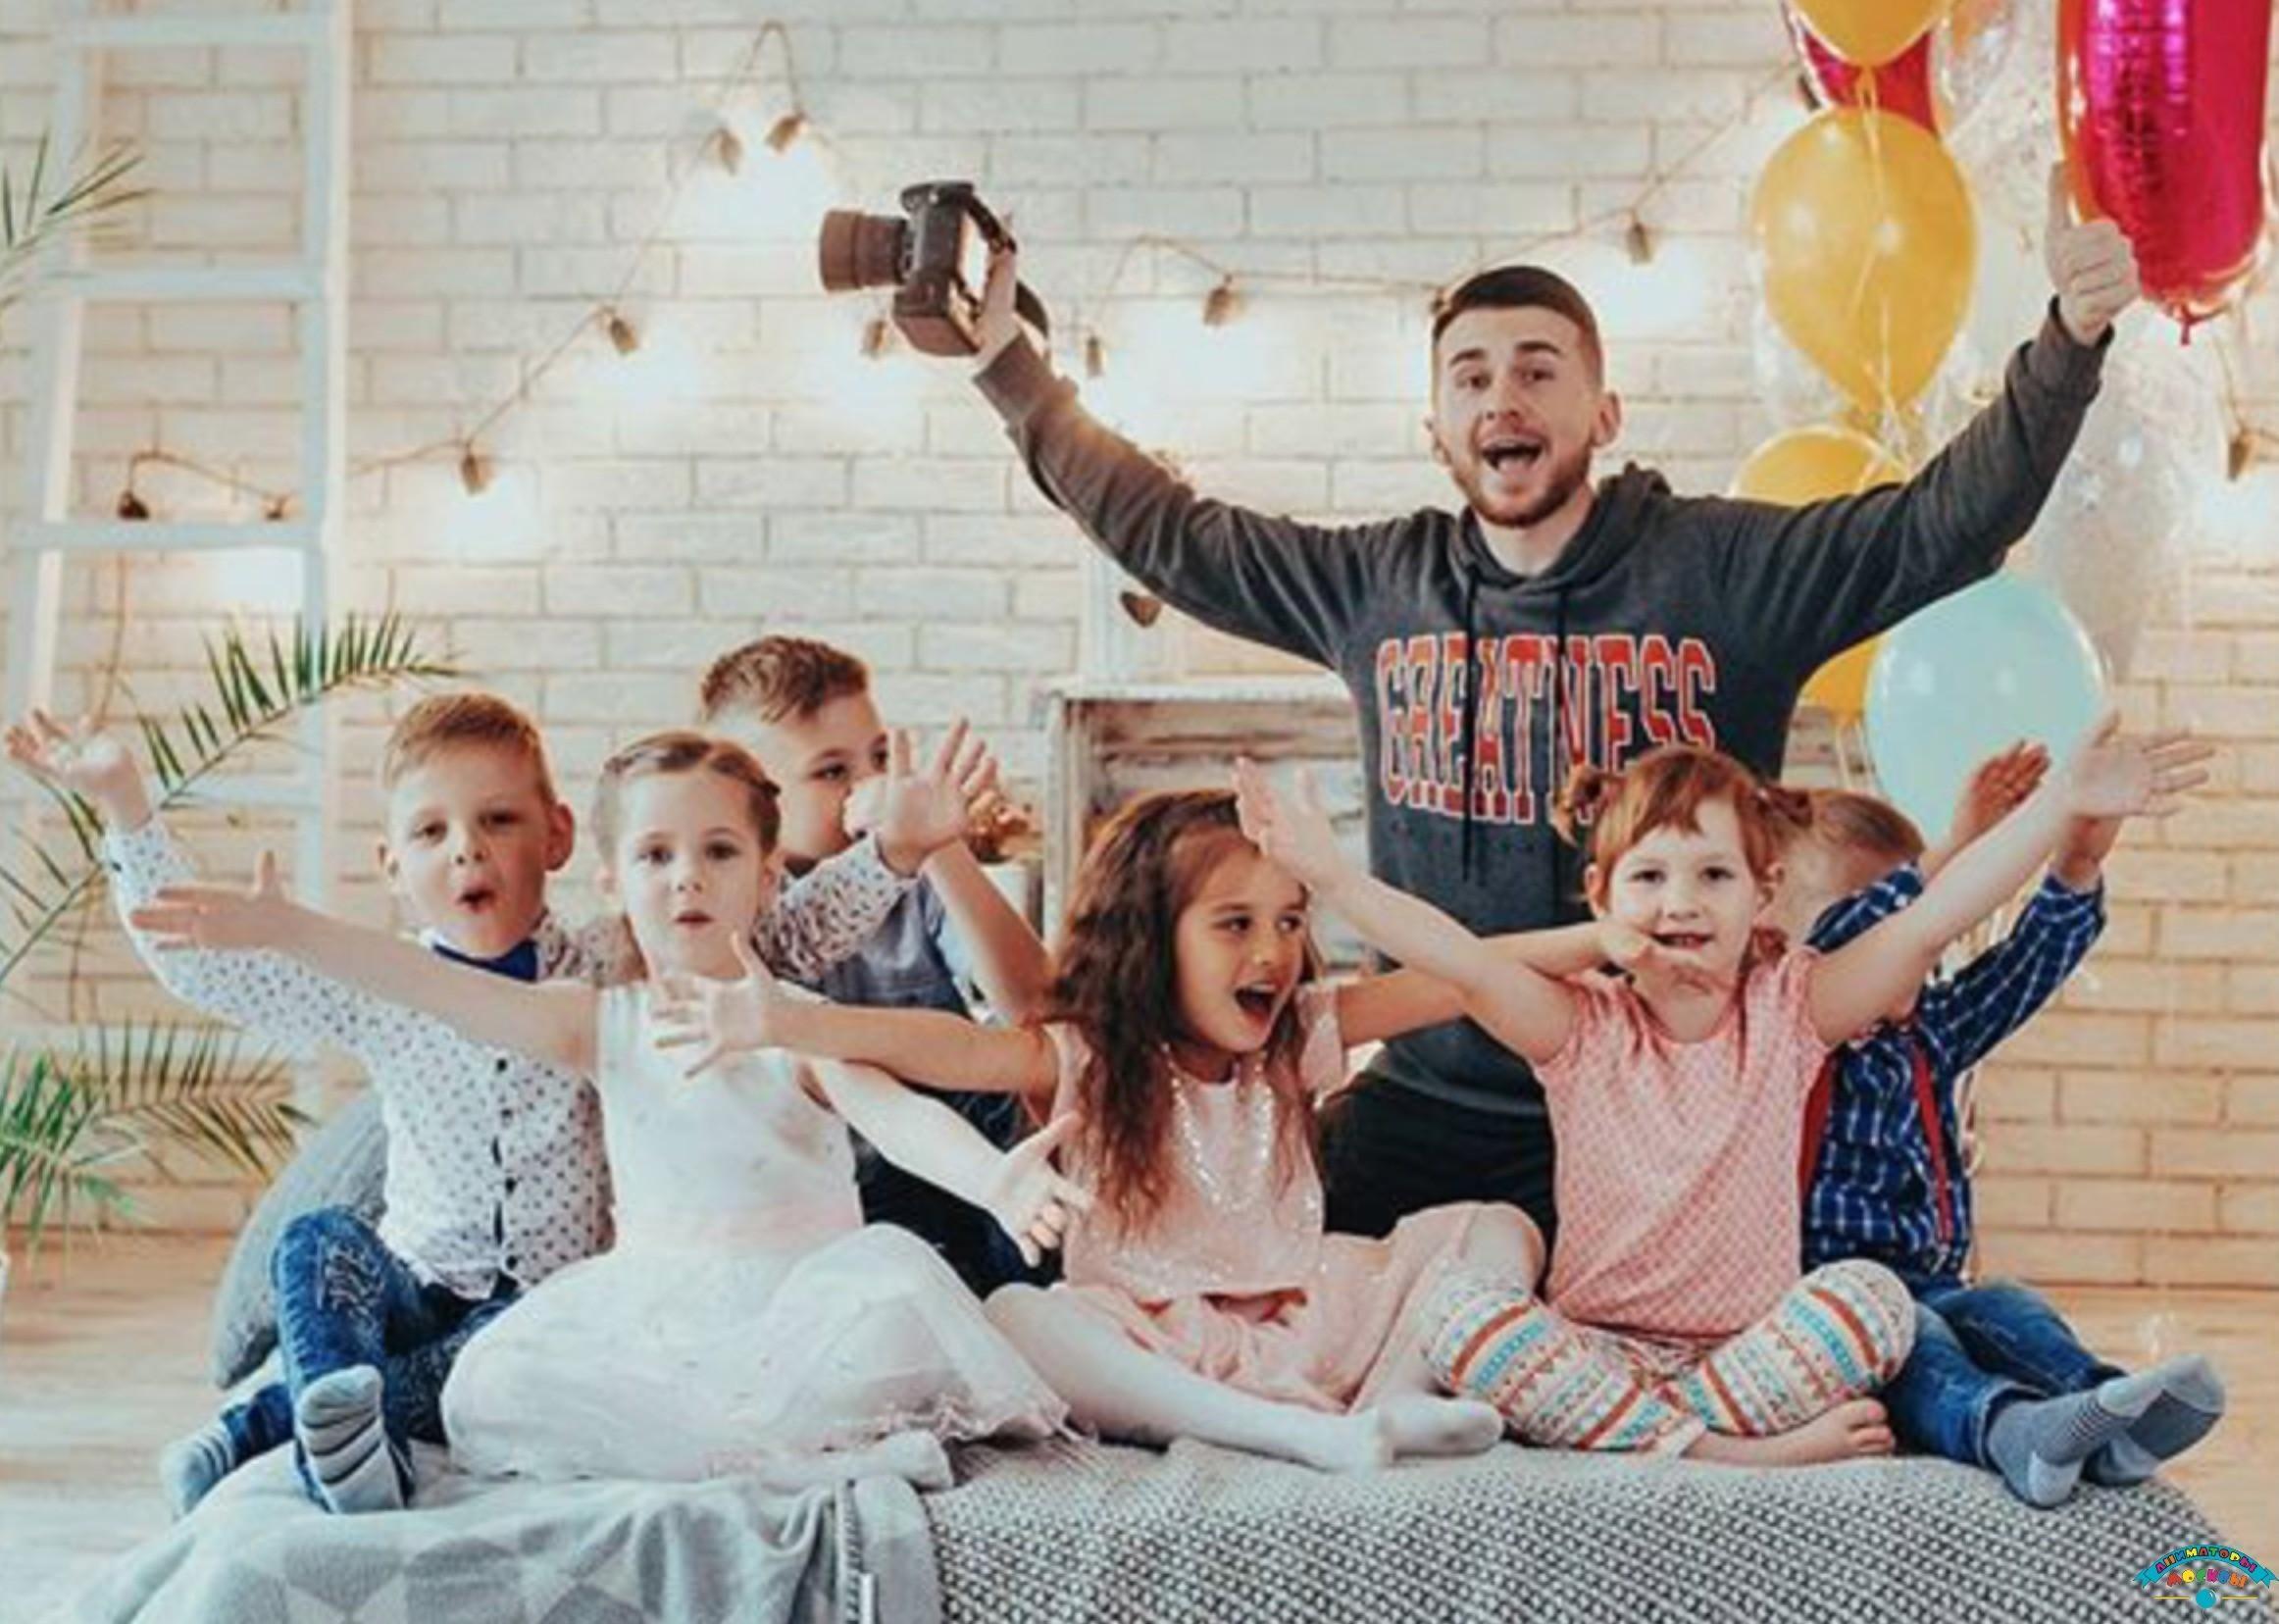 как фотографировать праздники в помещении любите мастерить